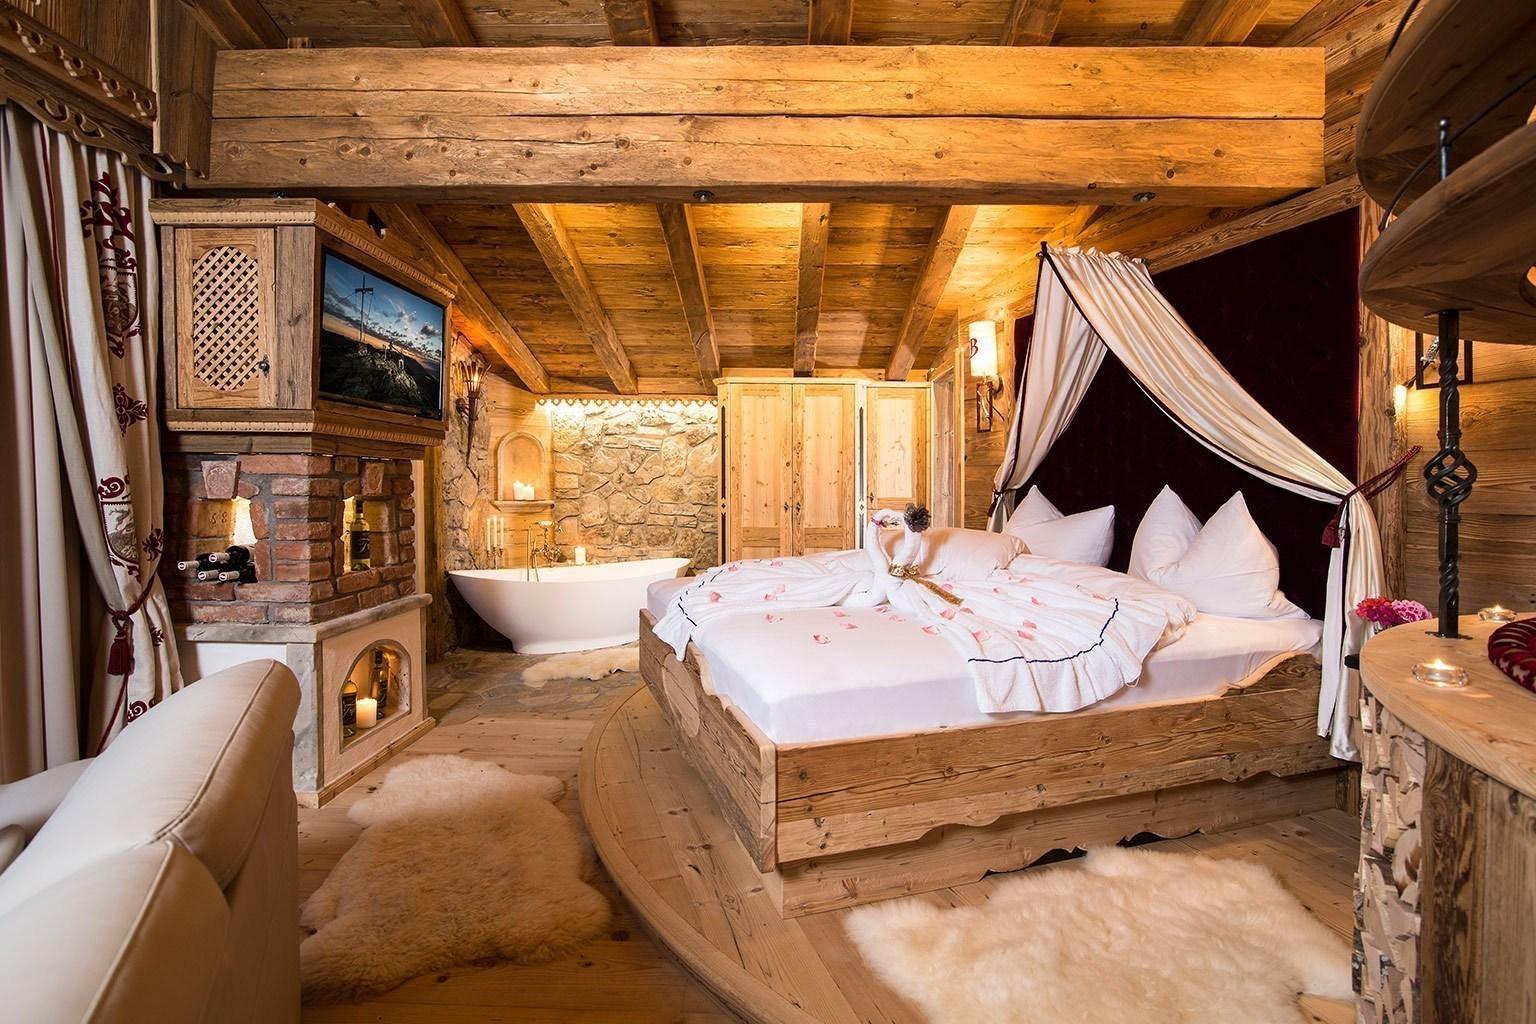 Bett Österreich Alpbach Luxus Chalet Bischofer Alm